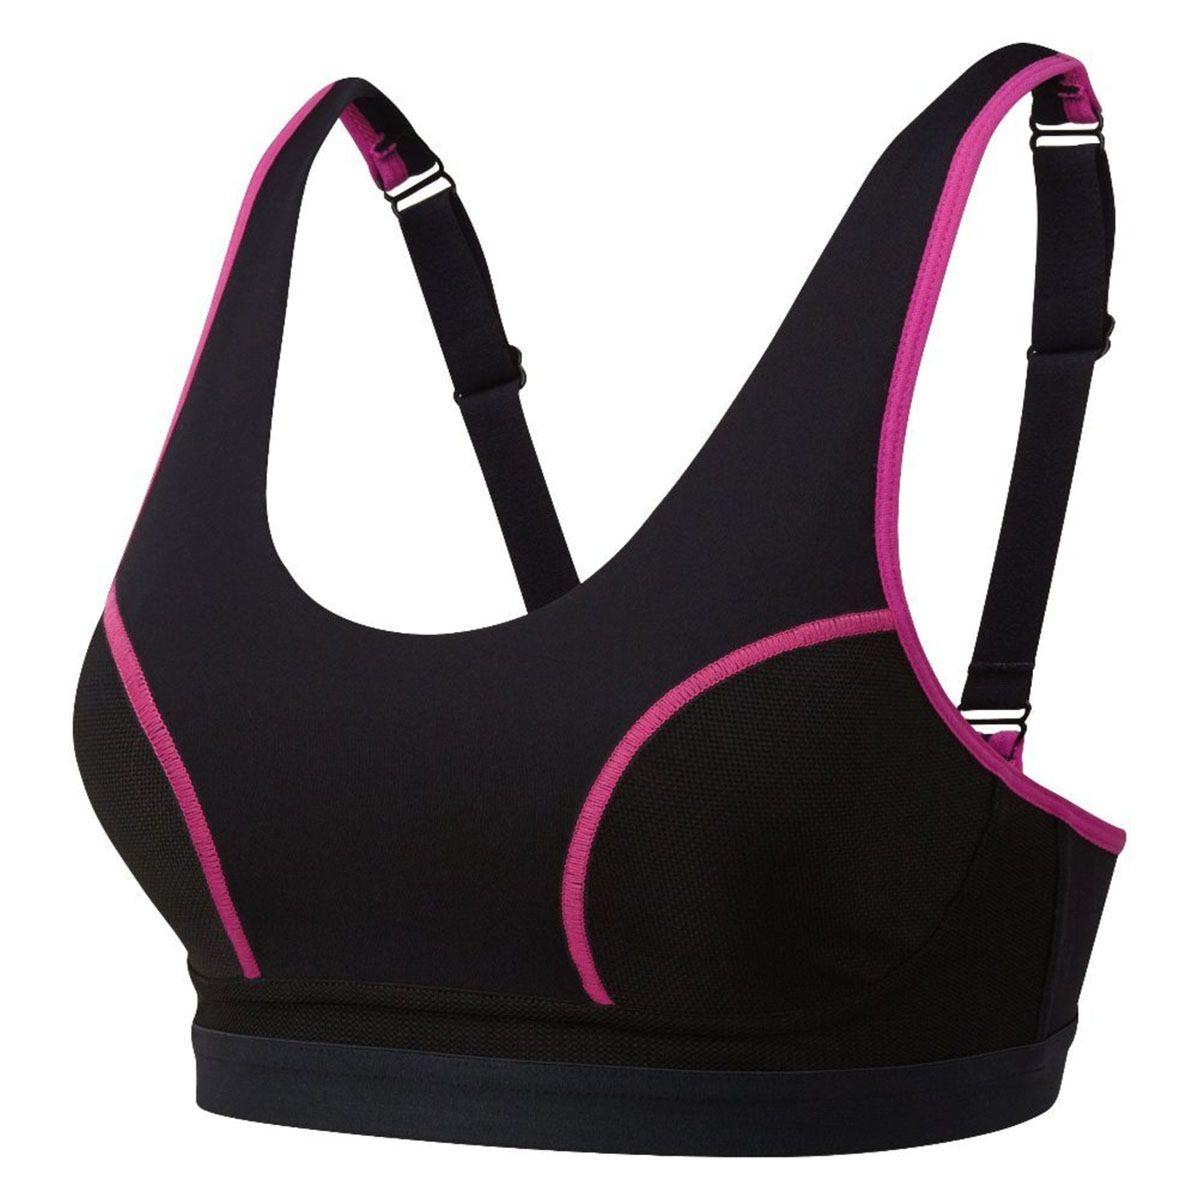 Runderwear Original Support Running Bra - Black/Pink